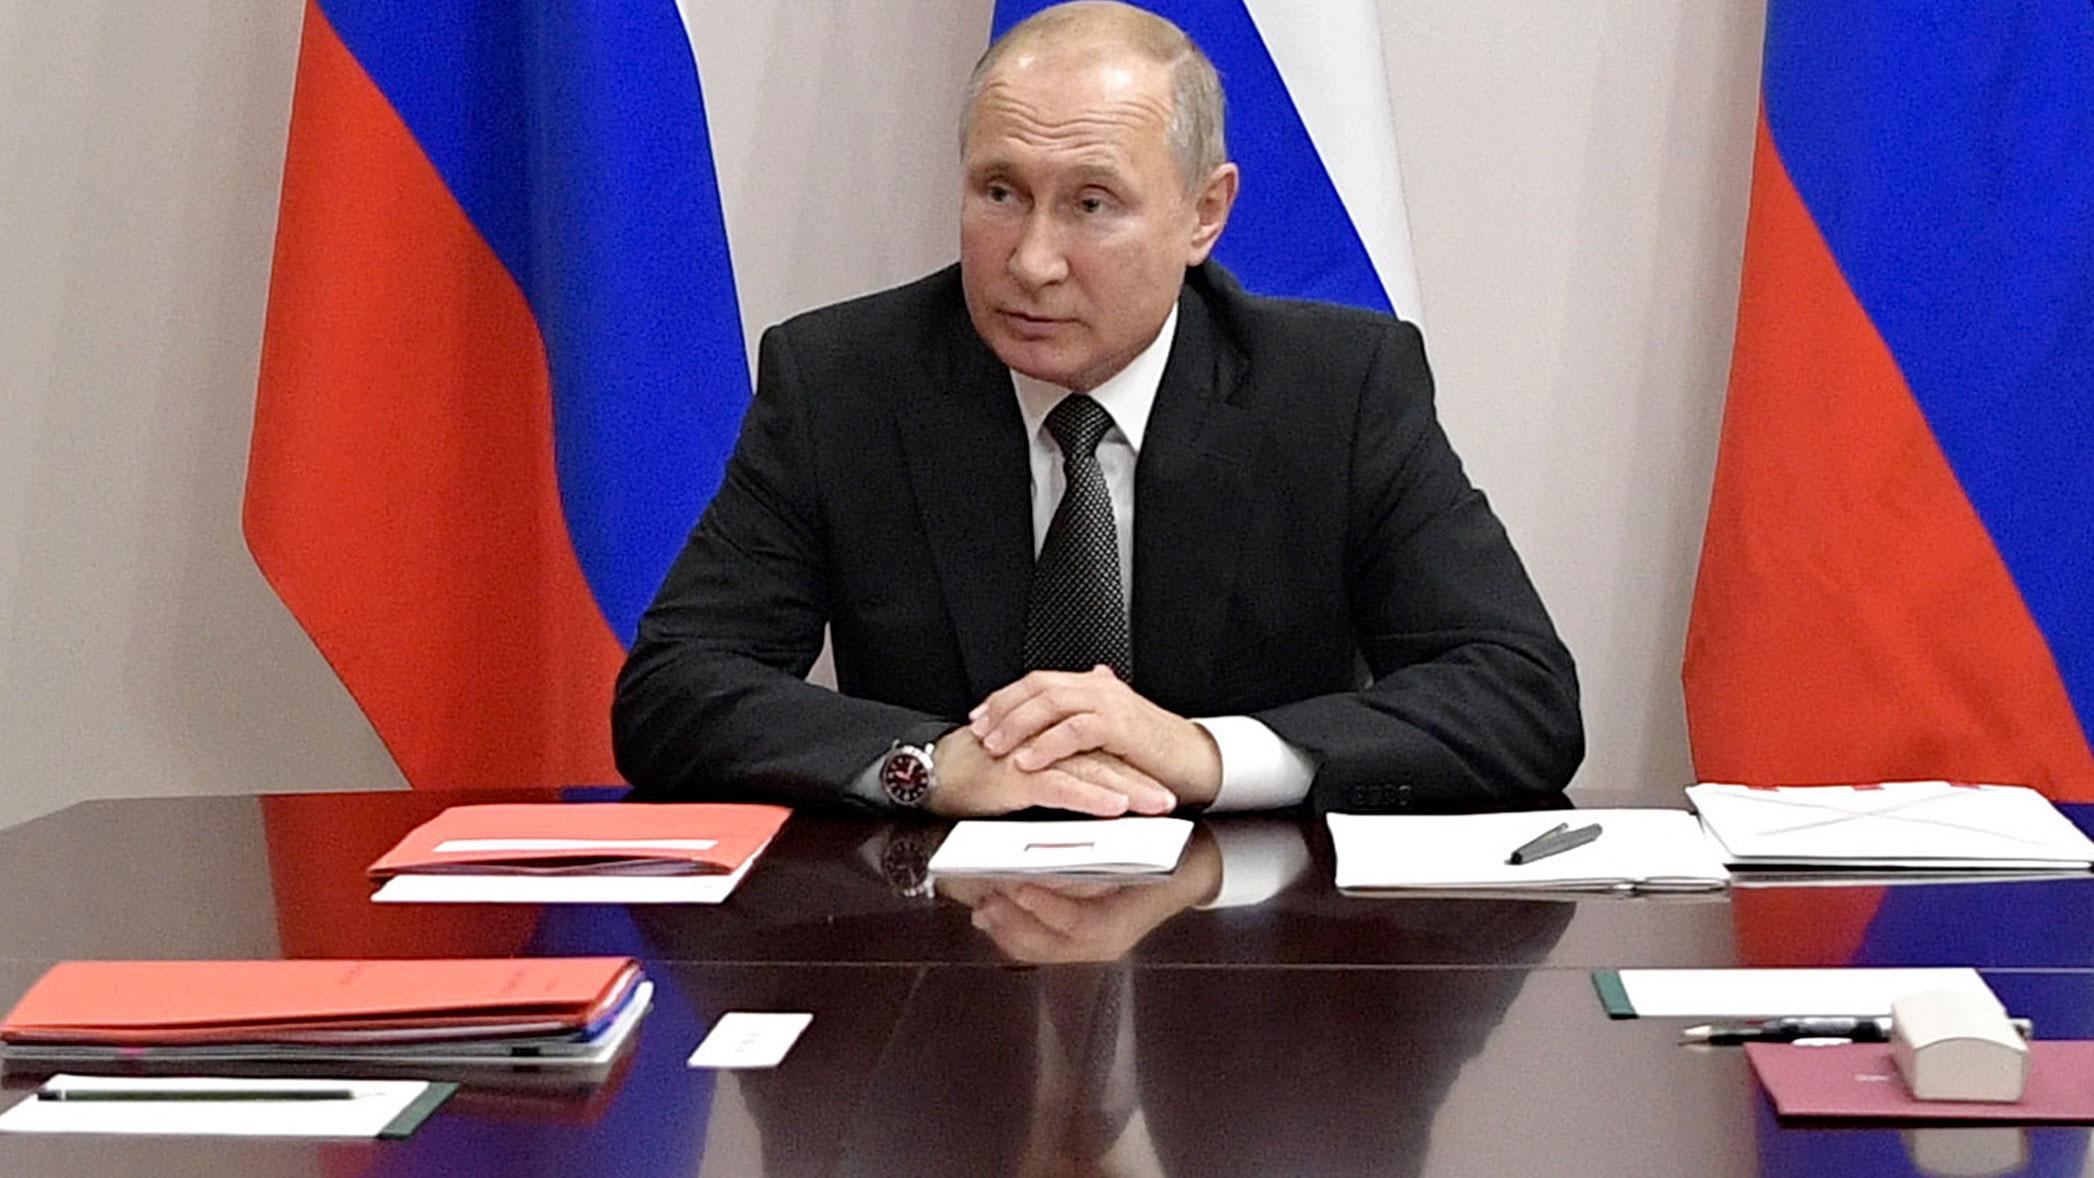 (File photo) Vladimir Putin isn't opposed to rejoining the G7.